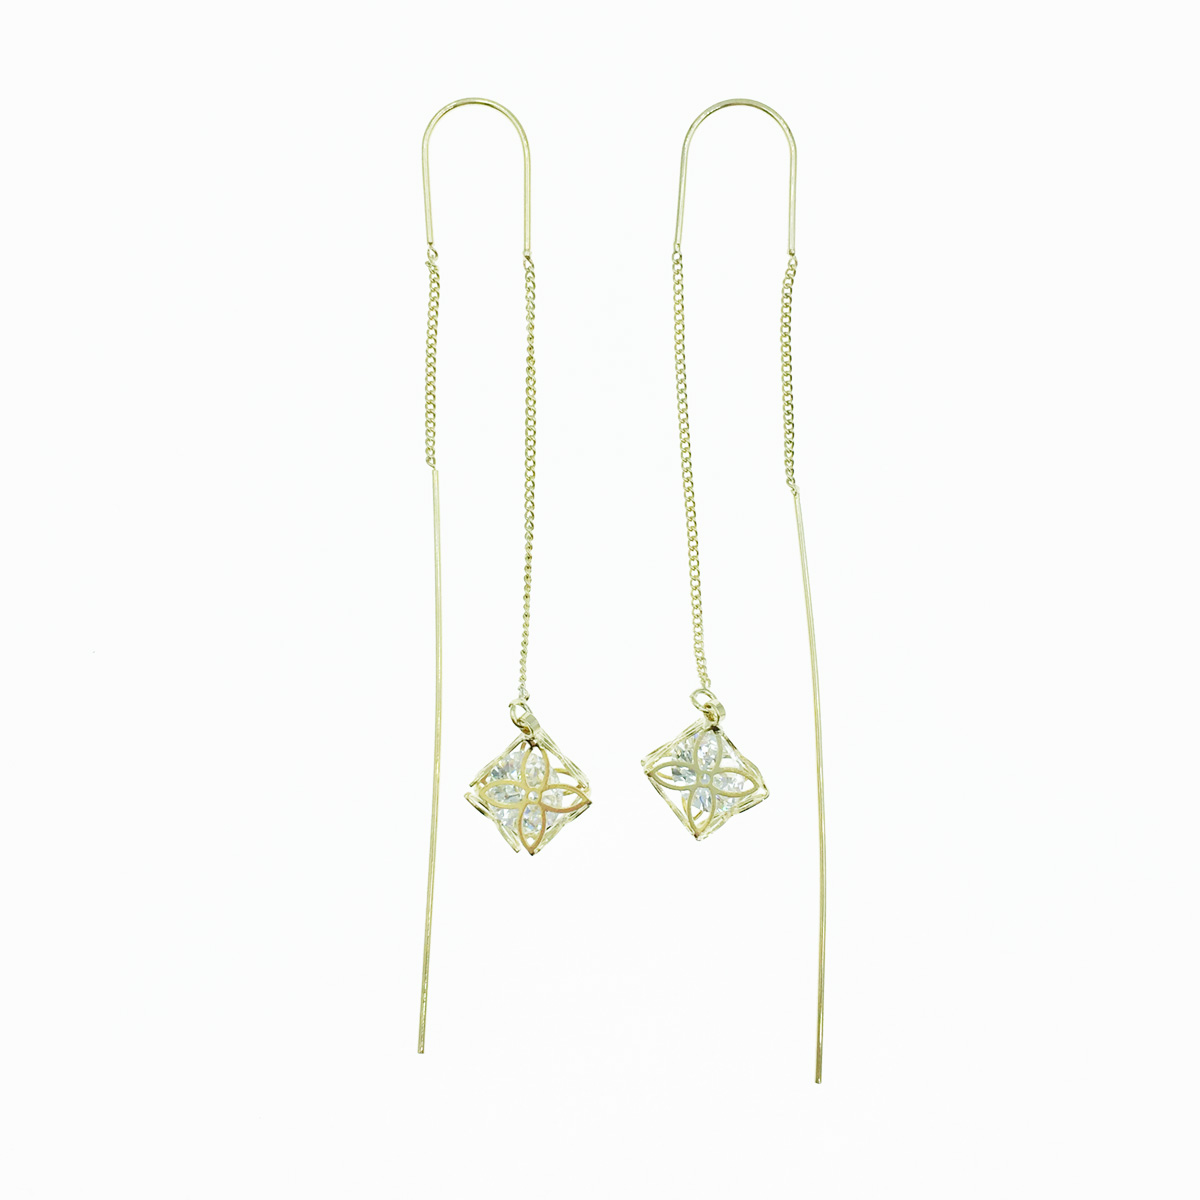 韓國 925純銀 簍空花 水鑽 金 優雅款 耳勾式 耳鍊耳環